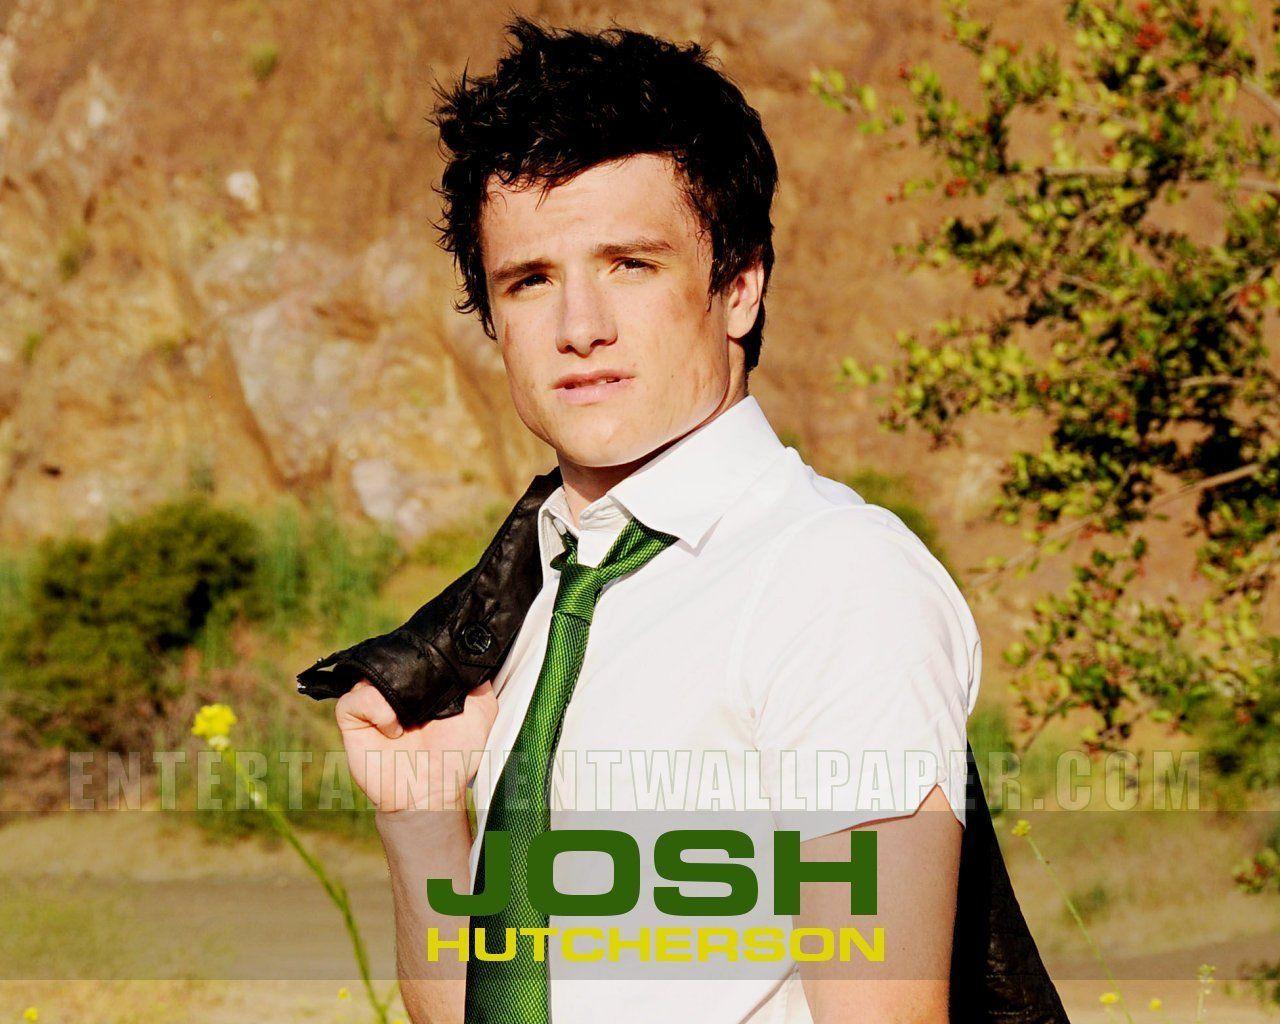 Josh Hutcherson Bridge To Terabithia Cast